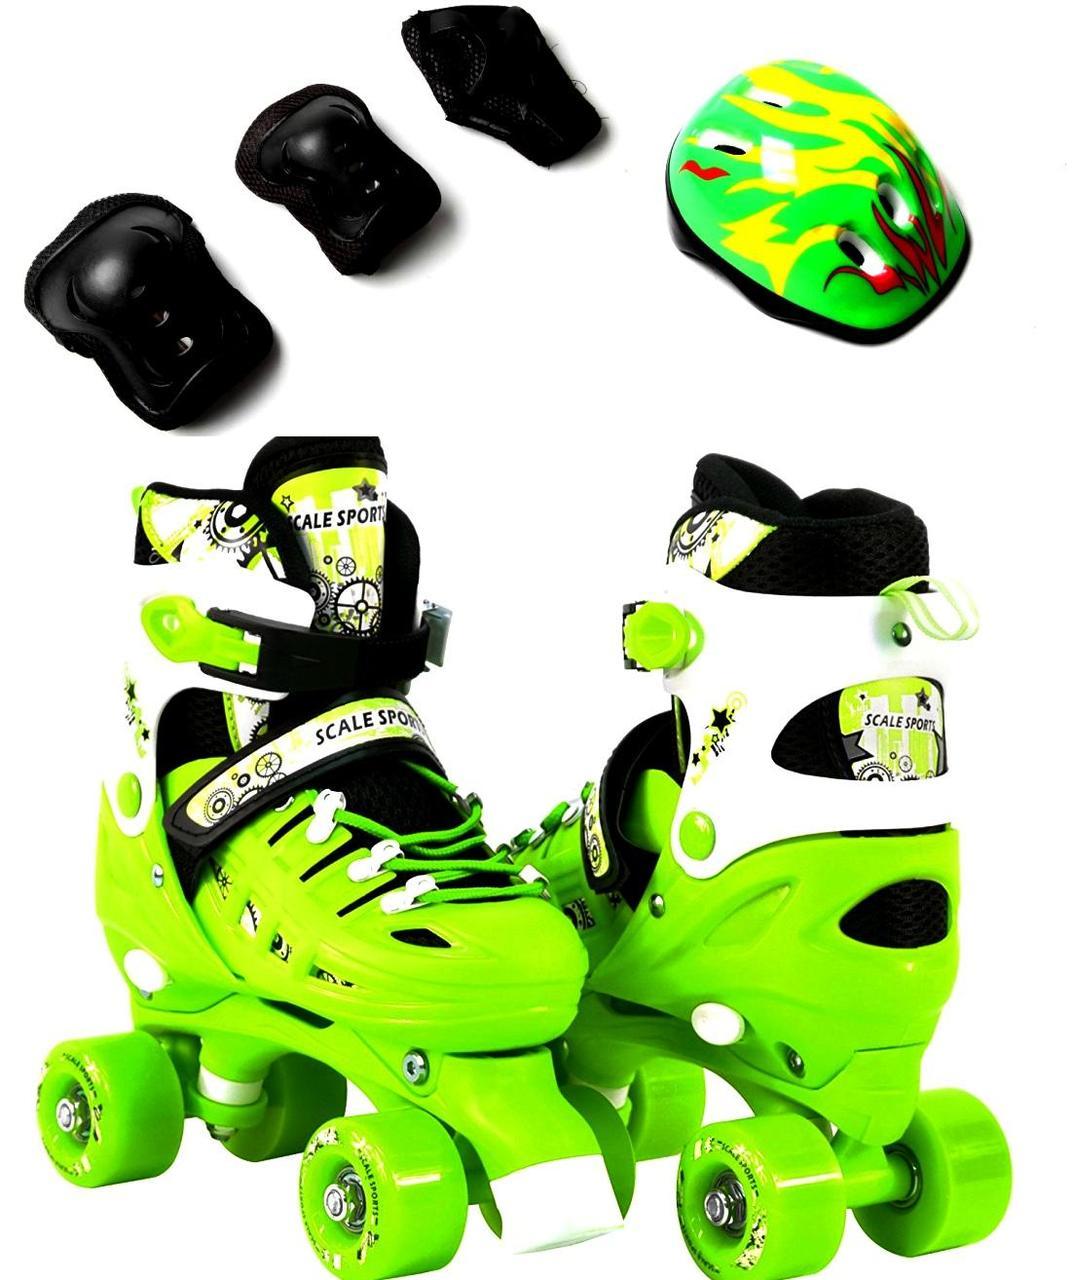 Раздвижные Ролики-квады + защита + шлем Scale Sports, размеры 29-33, 34-38